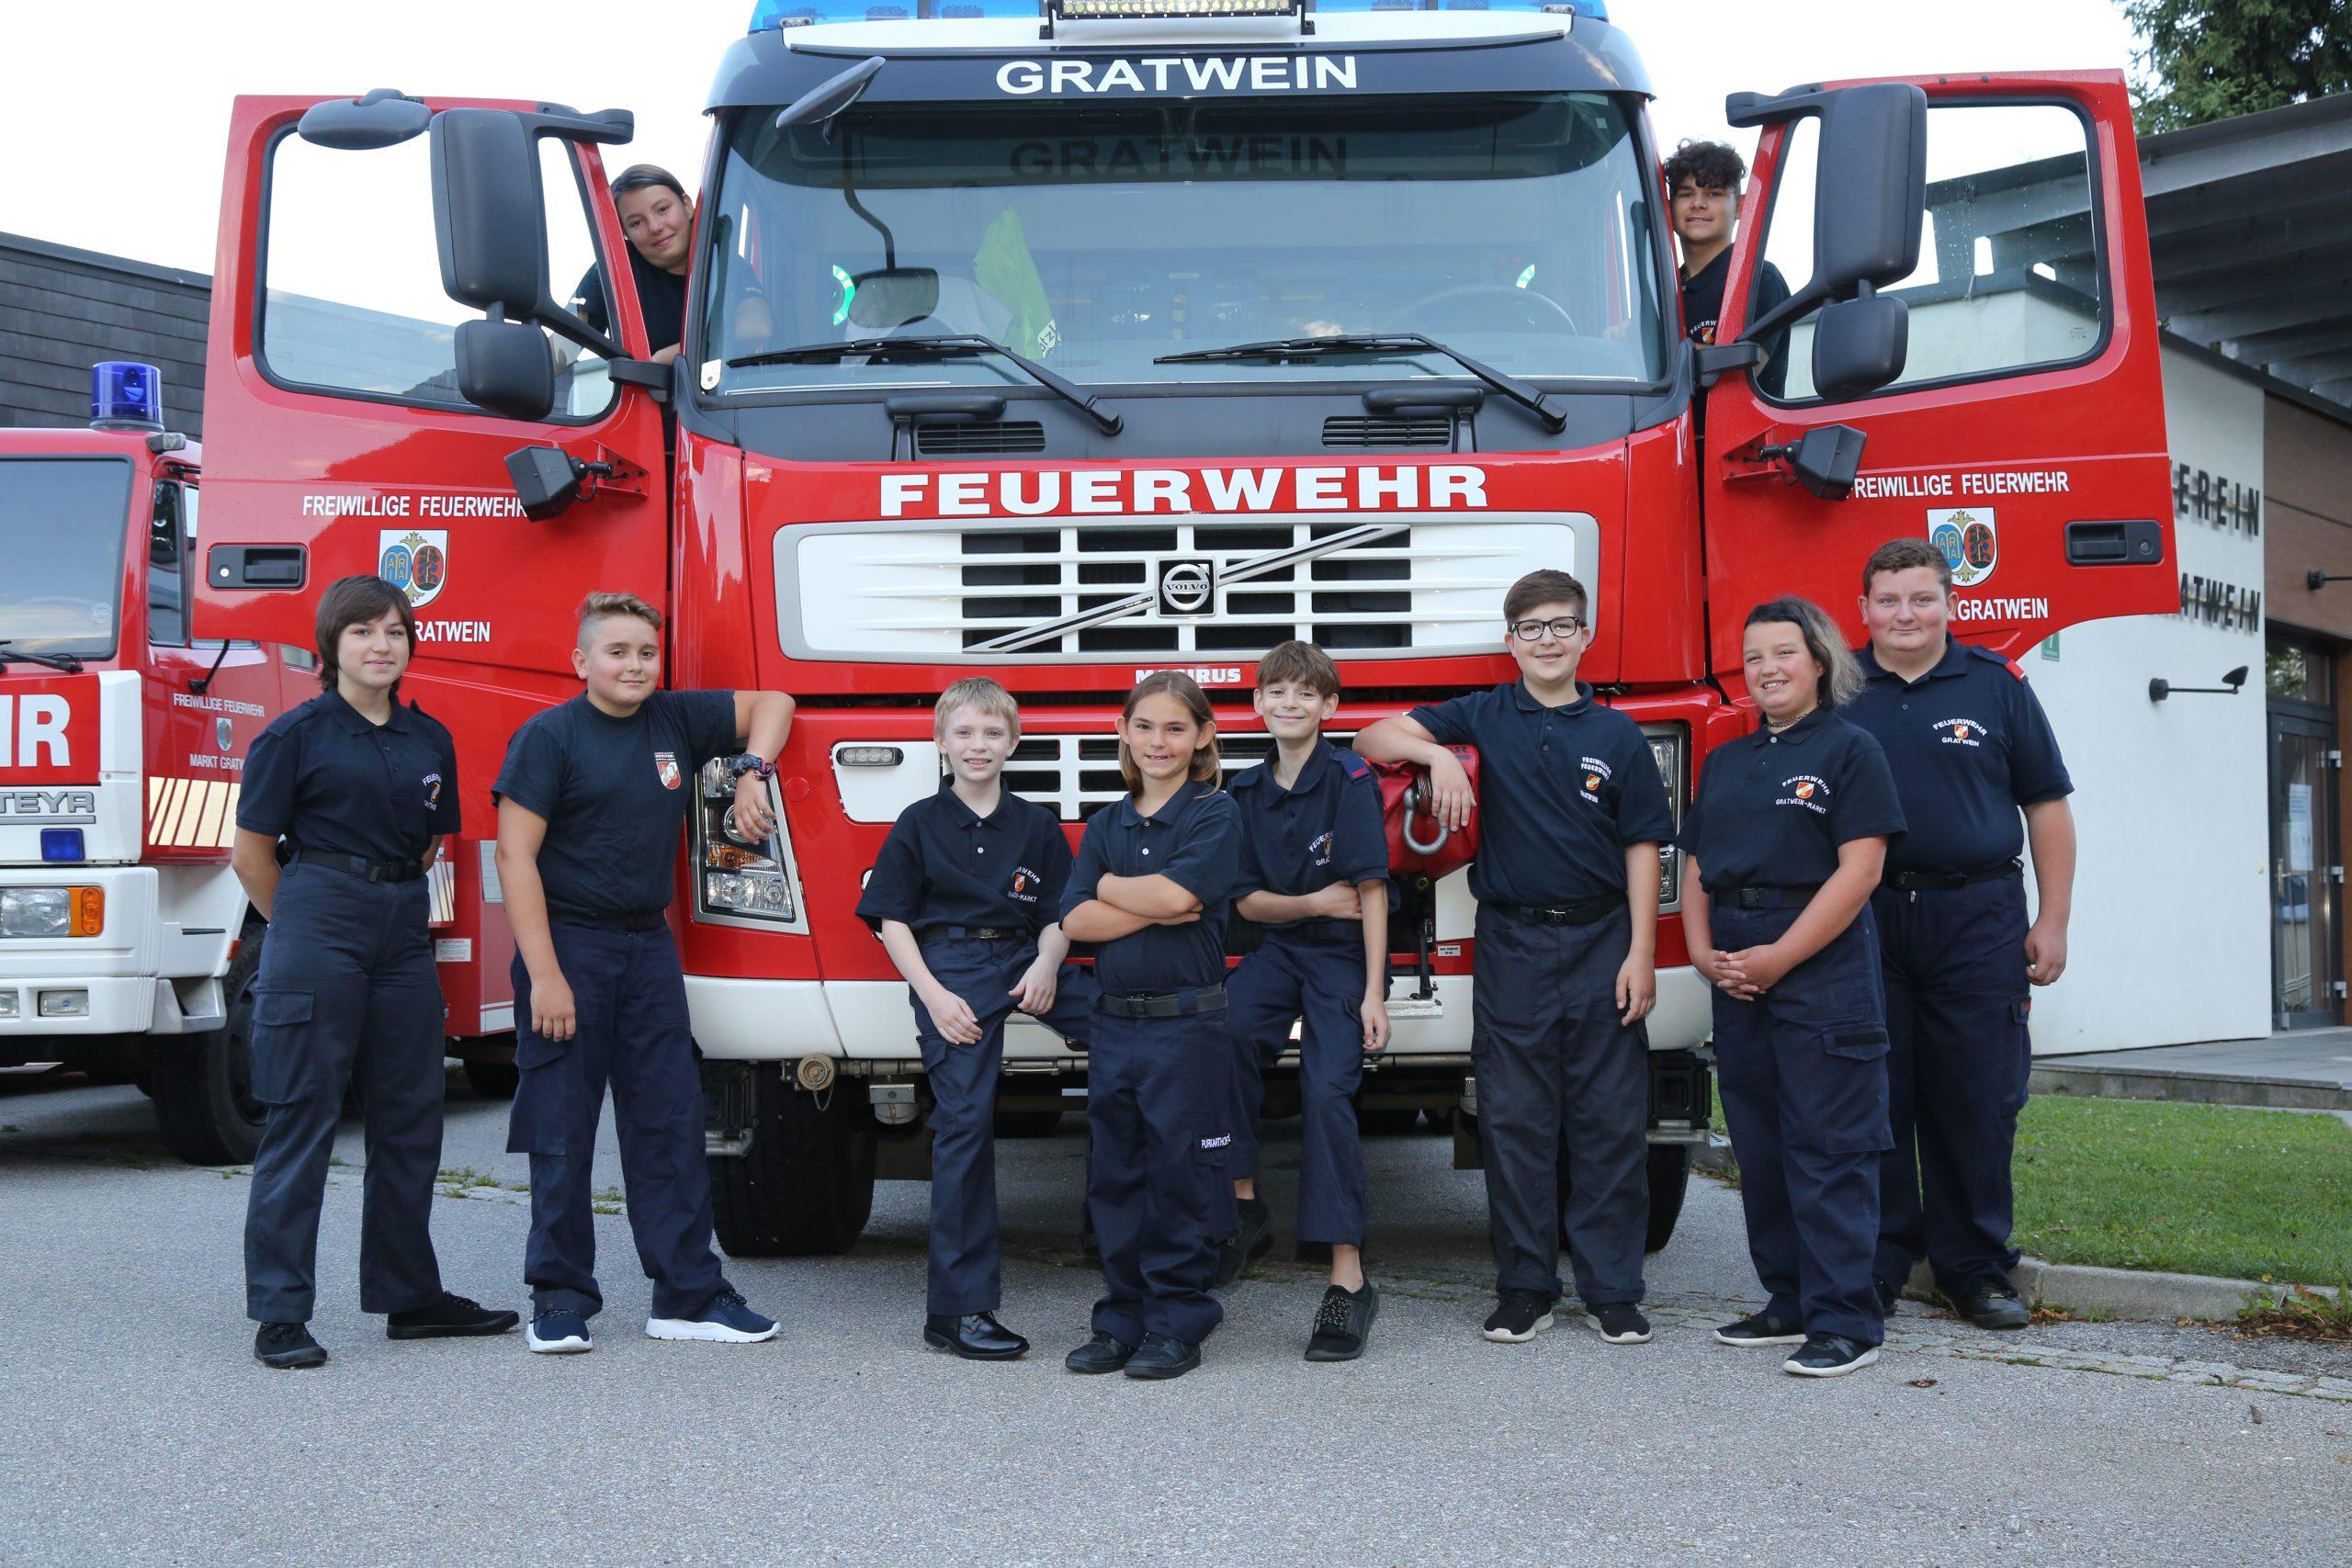 Freiwillige Feuerwehr Muss Man Zum Einsatz